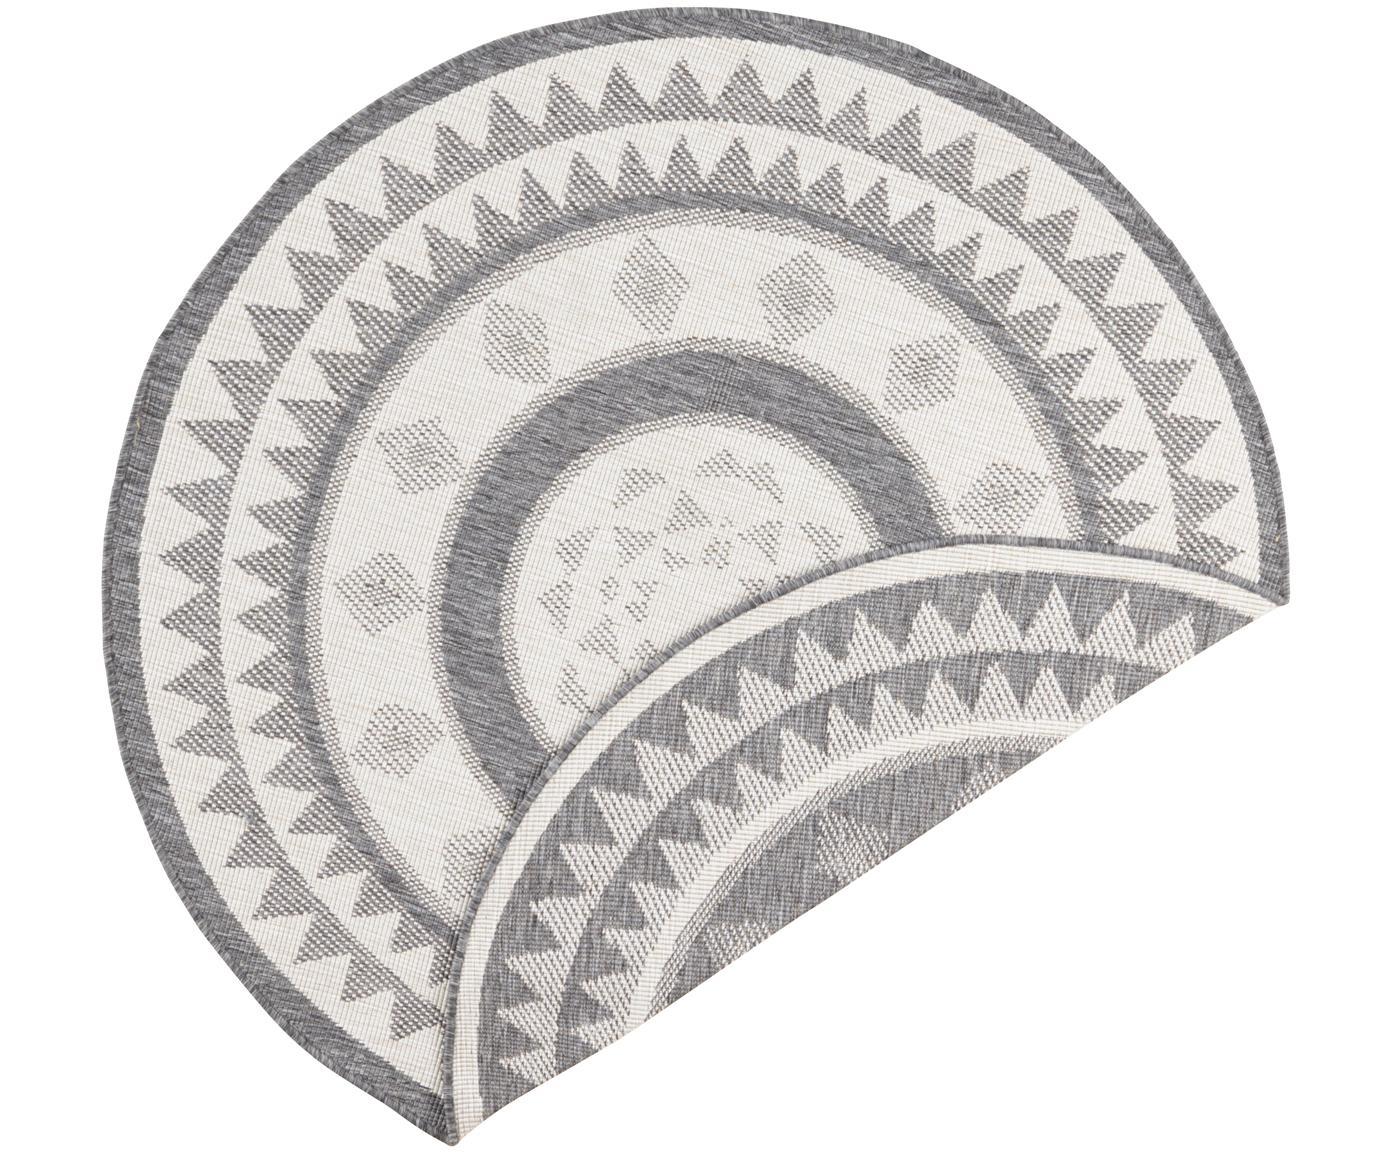 Rond dubbelzijdig in- en outdoor vloerkleed Jamaica in grijs/crème kleur, Grijs, crèmekleurig, Ø 140 cm (maat M)